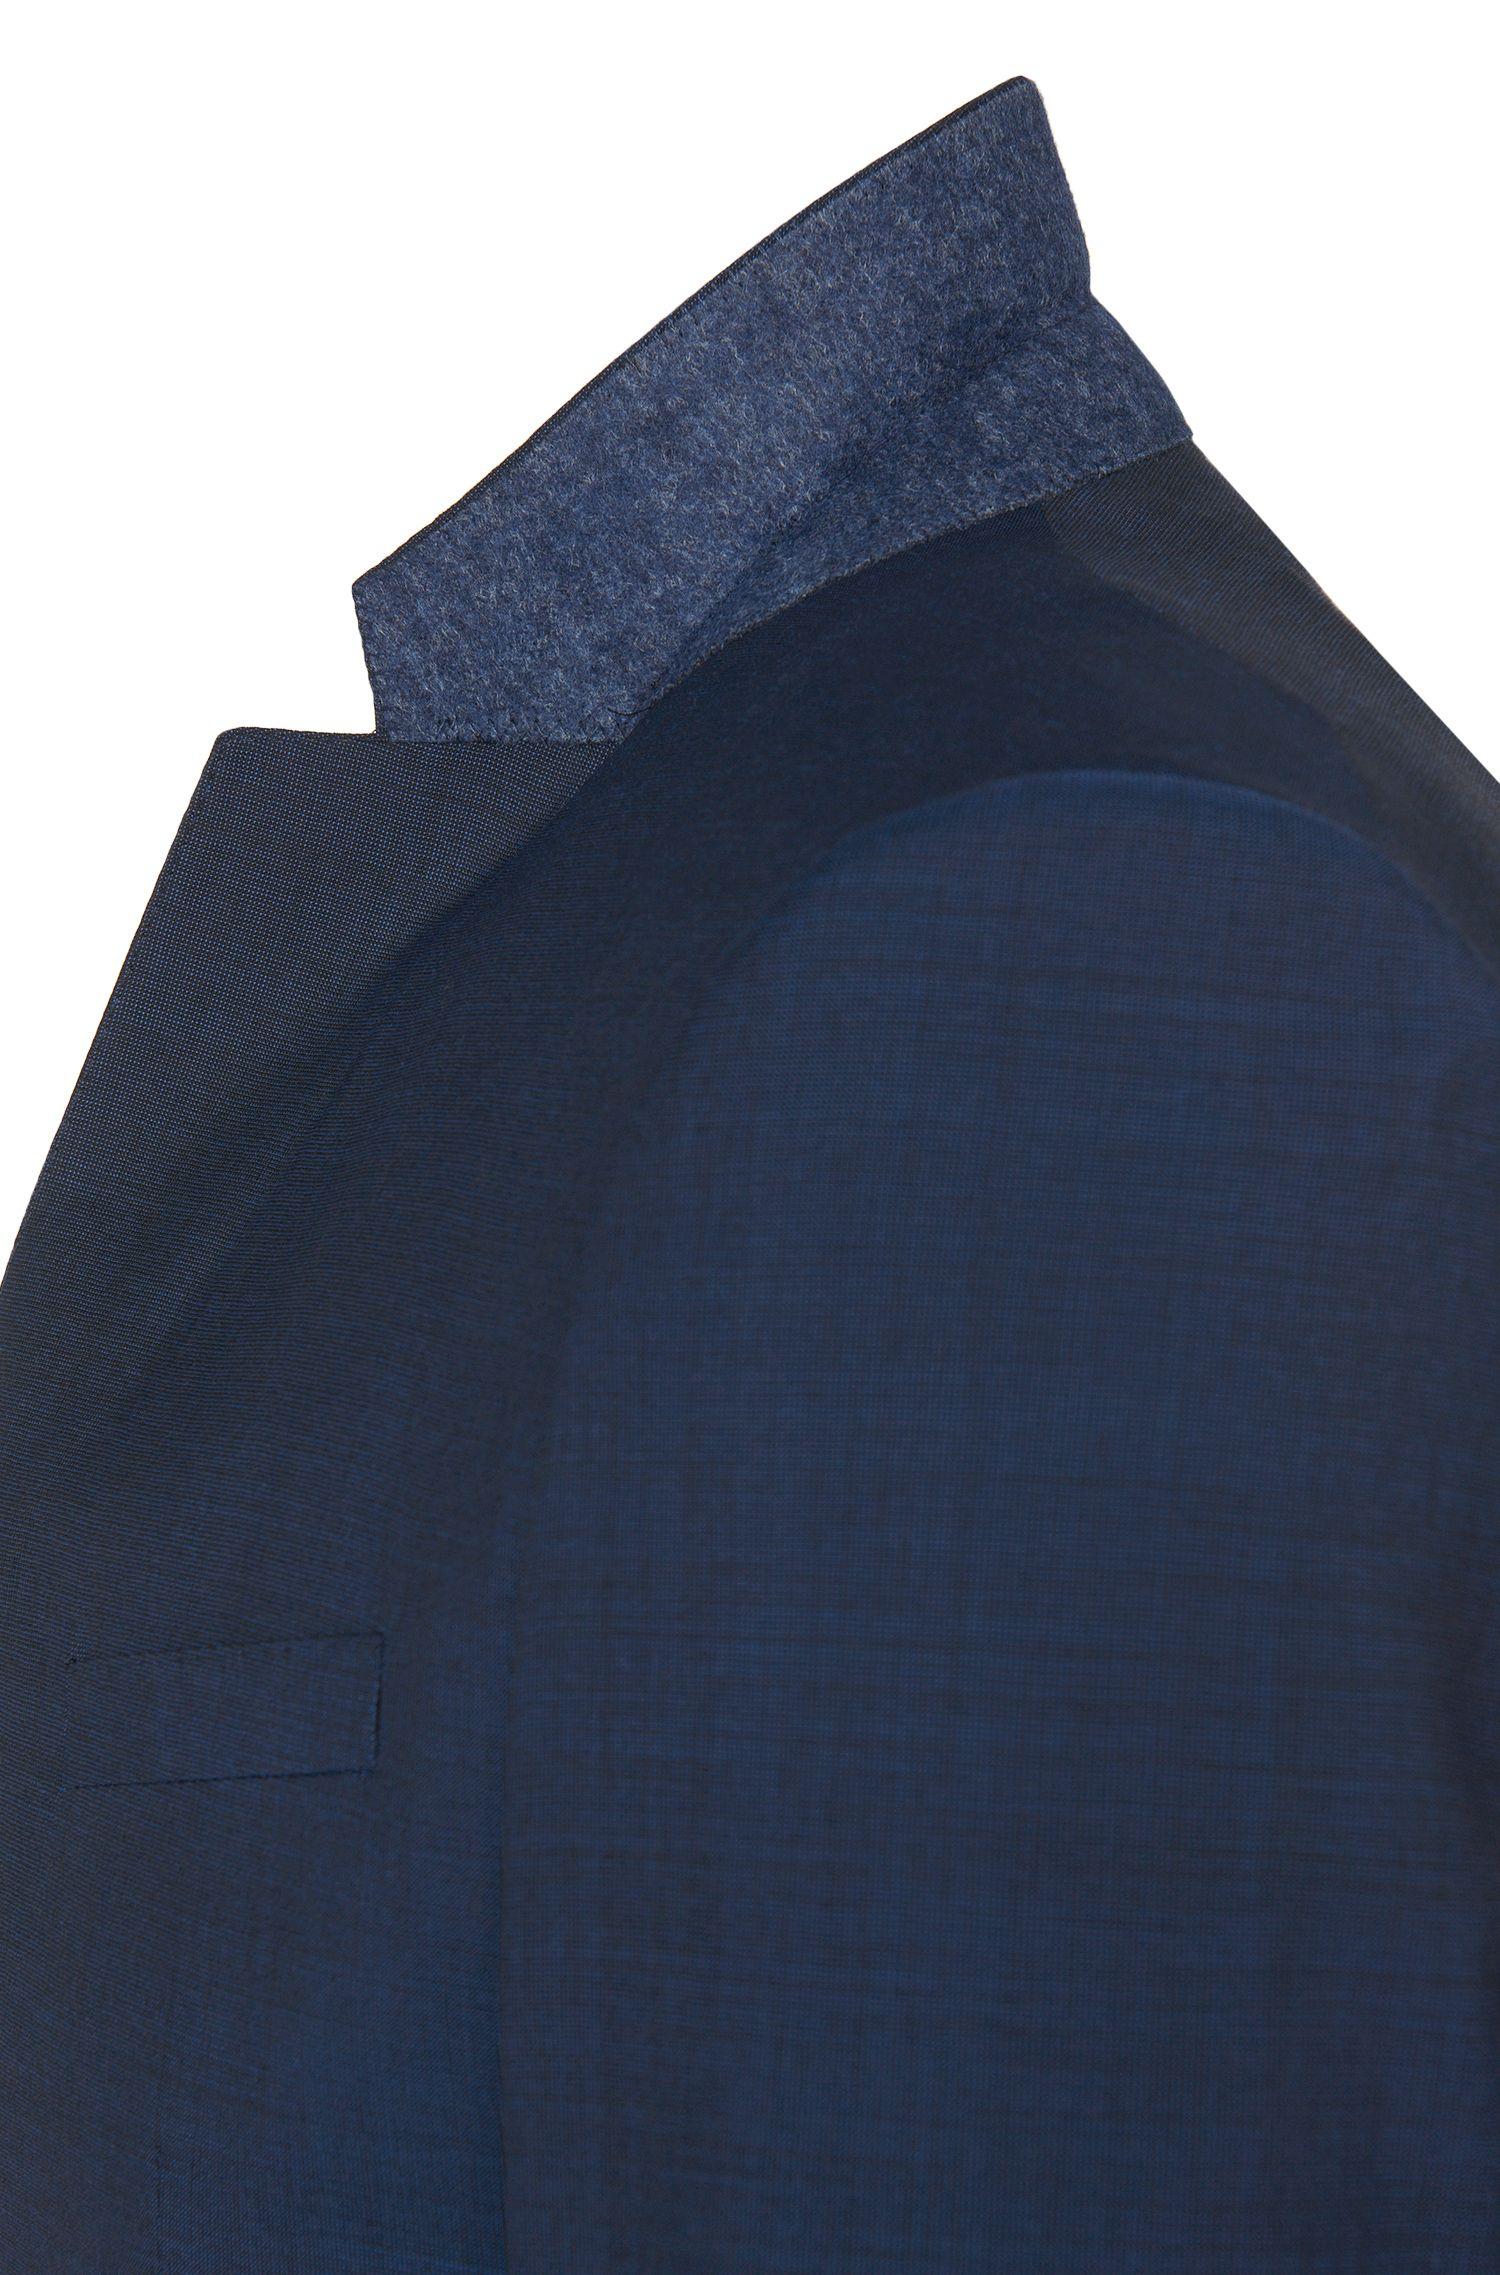 Unifarbener Slim-Fit Anzug mit Weste aus Schurwolle: 'Adwart/Wilard/Hets'